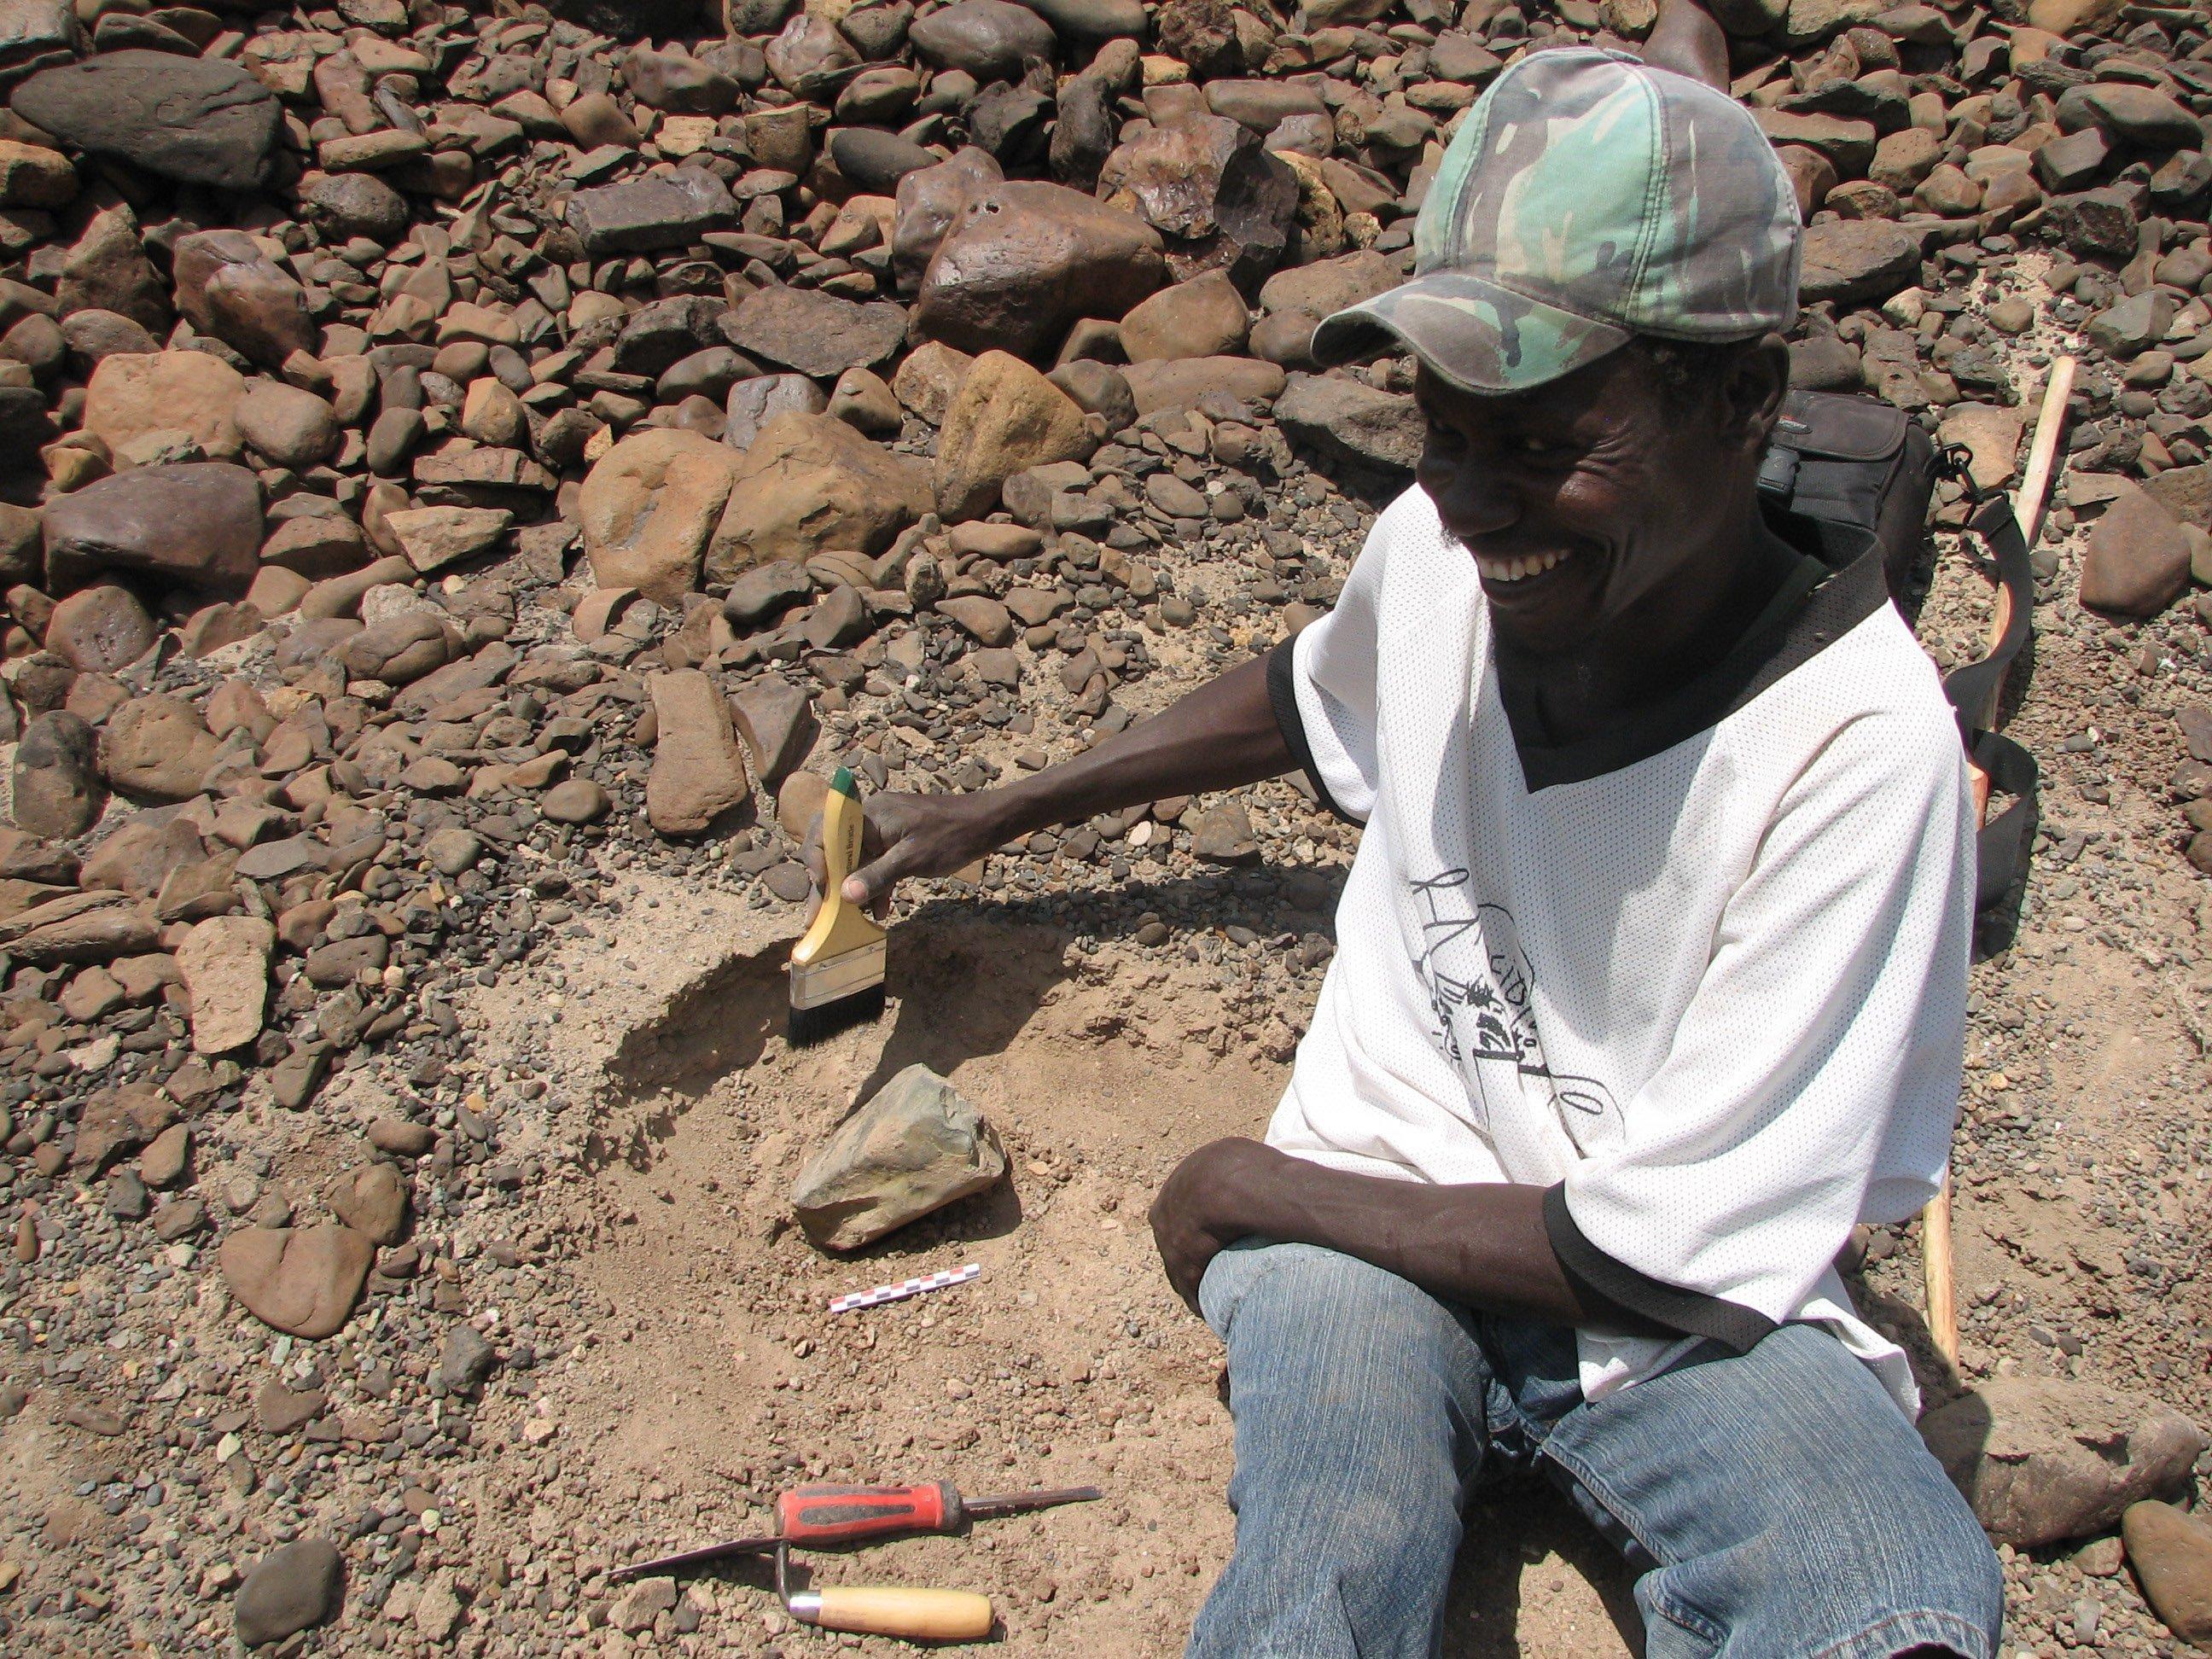 In Sedimenten westlich des Turkanasees in Kenia entdeckten Forscher 3,3Millionen Jahre alte, primitive Steinwerkzeuge. Auf dem Bild ist Team-Mitglied Sammy Lokorodi zu sehen, der gerade eines der Werkzeuge freilegt. Der Fund ist eine Sensation, weil es damals noch keine Menschen gab. Die Forscher glauben daher, dass Vormenschen der Art Australopithecus afarensis sie hergestellt und benutzt haben.